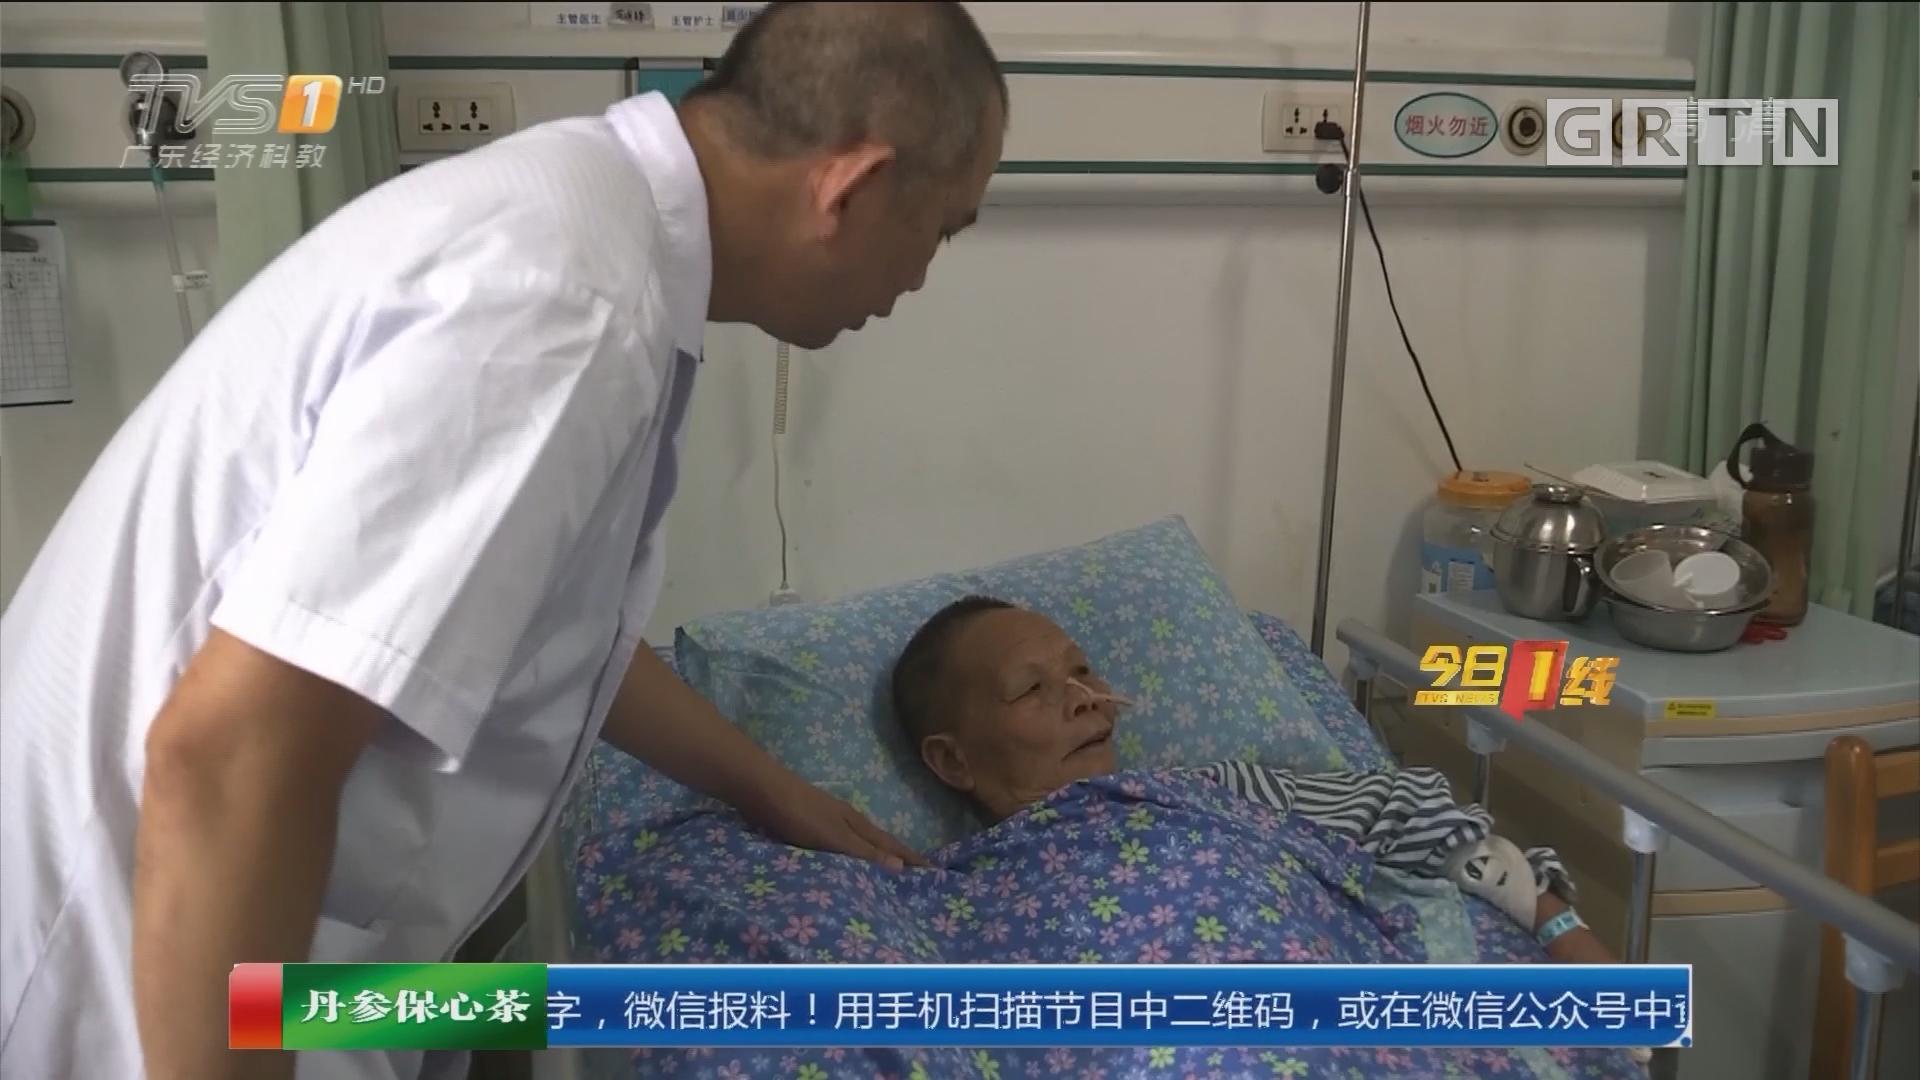 佛山高明:阿婆昏倒入院50天 身世不明寻亲人